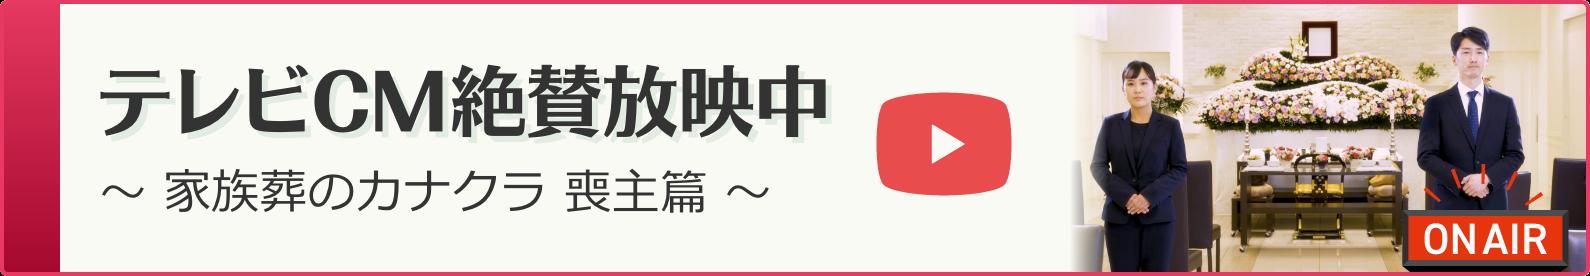 TVCM絶賛放映中